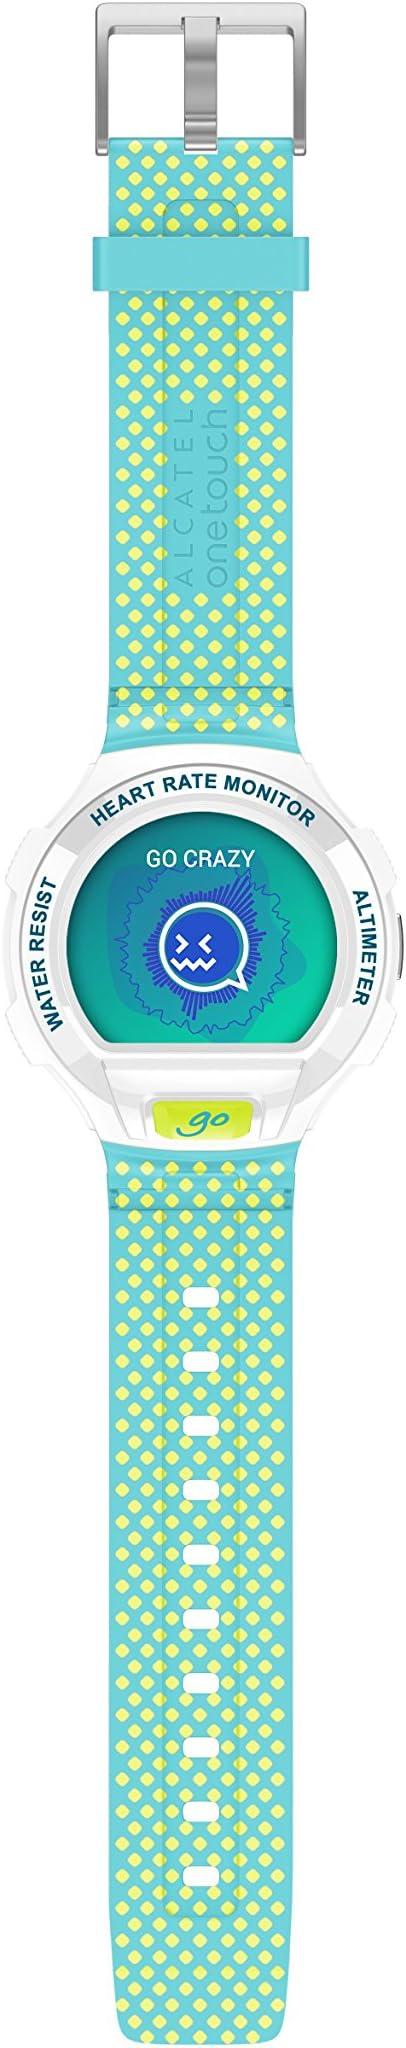 Alcatel SM03-WH - Reloj Inteligente con Bluetooth, Color Blanco ...